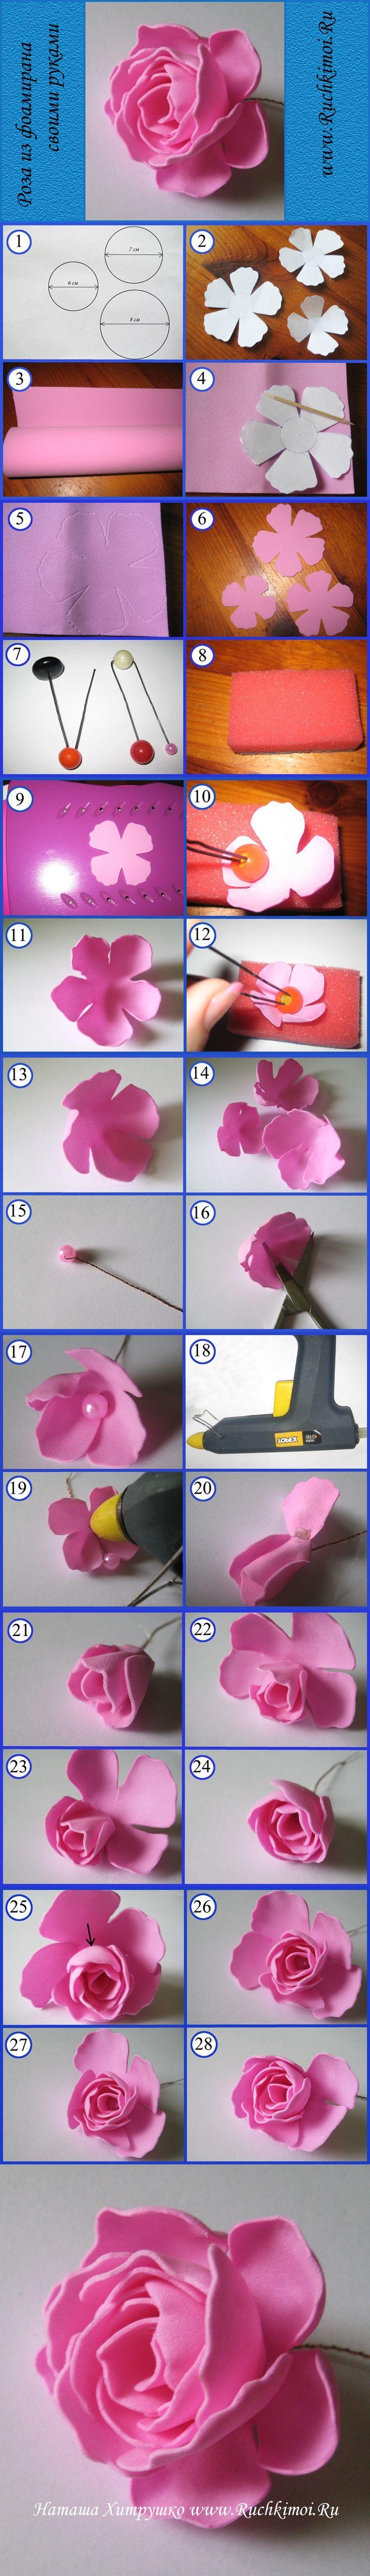 Роза из фоамирана своими руками. Пошаговый МК. Подробное описание здесь http://www.ruchkimoi.ru/roza-iz-foamirana-svoimi-rukami/